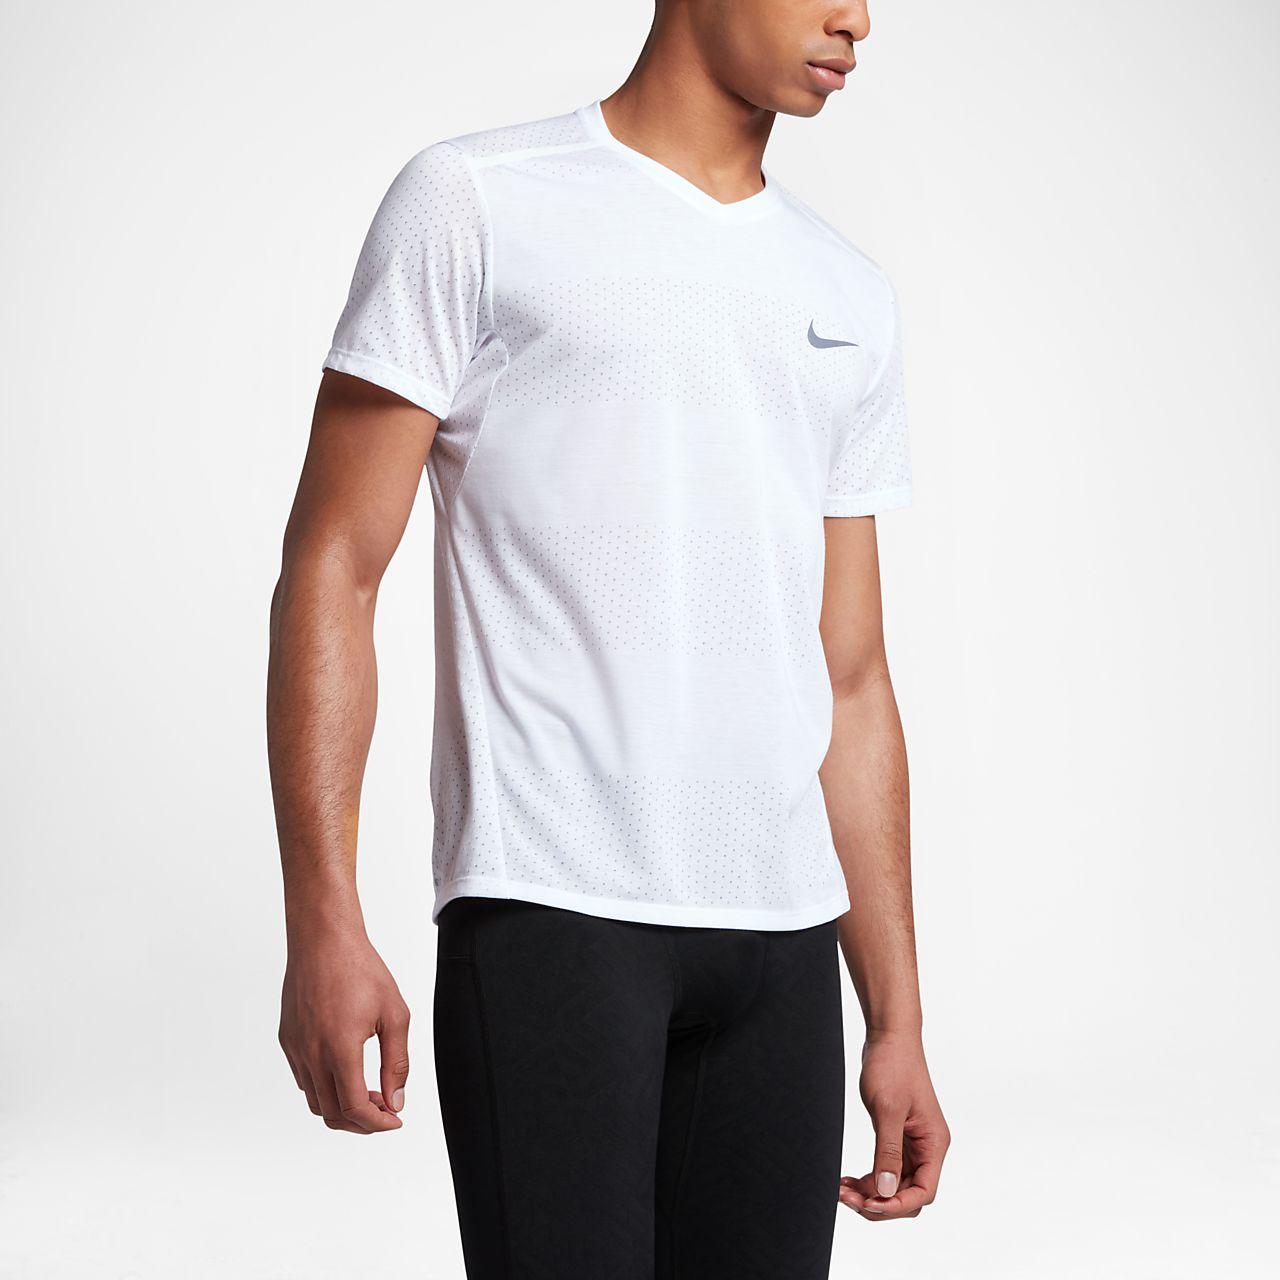 Nike Breathe Men's Short Sleeve Running Top White